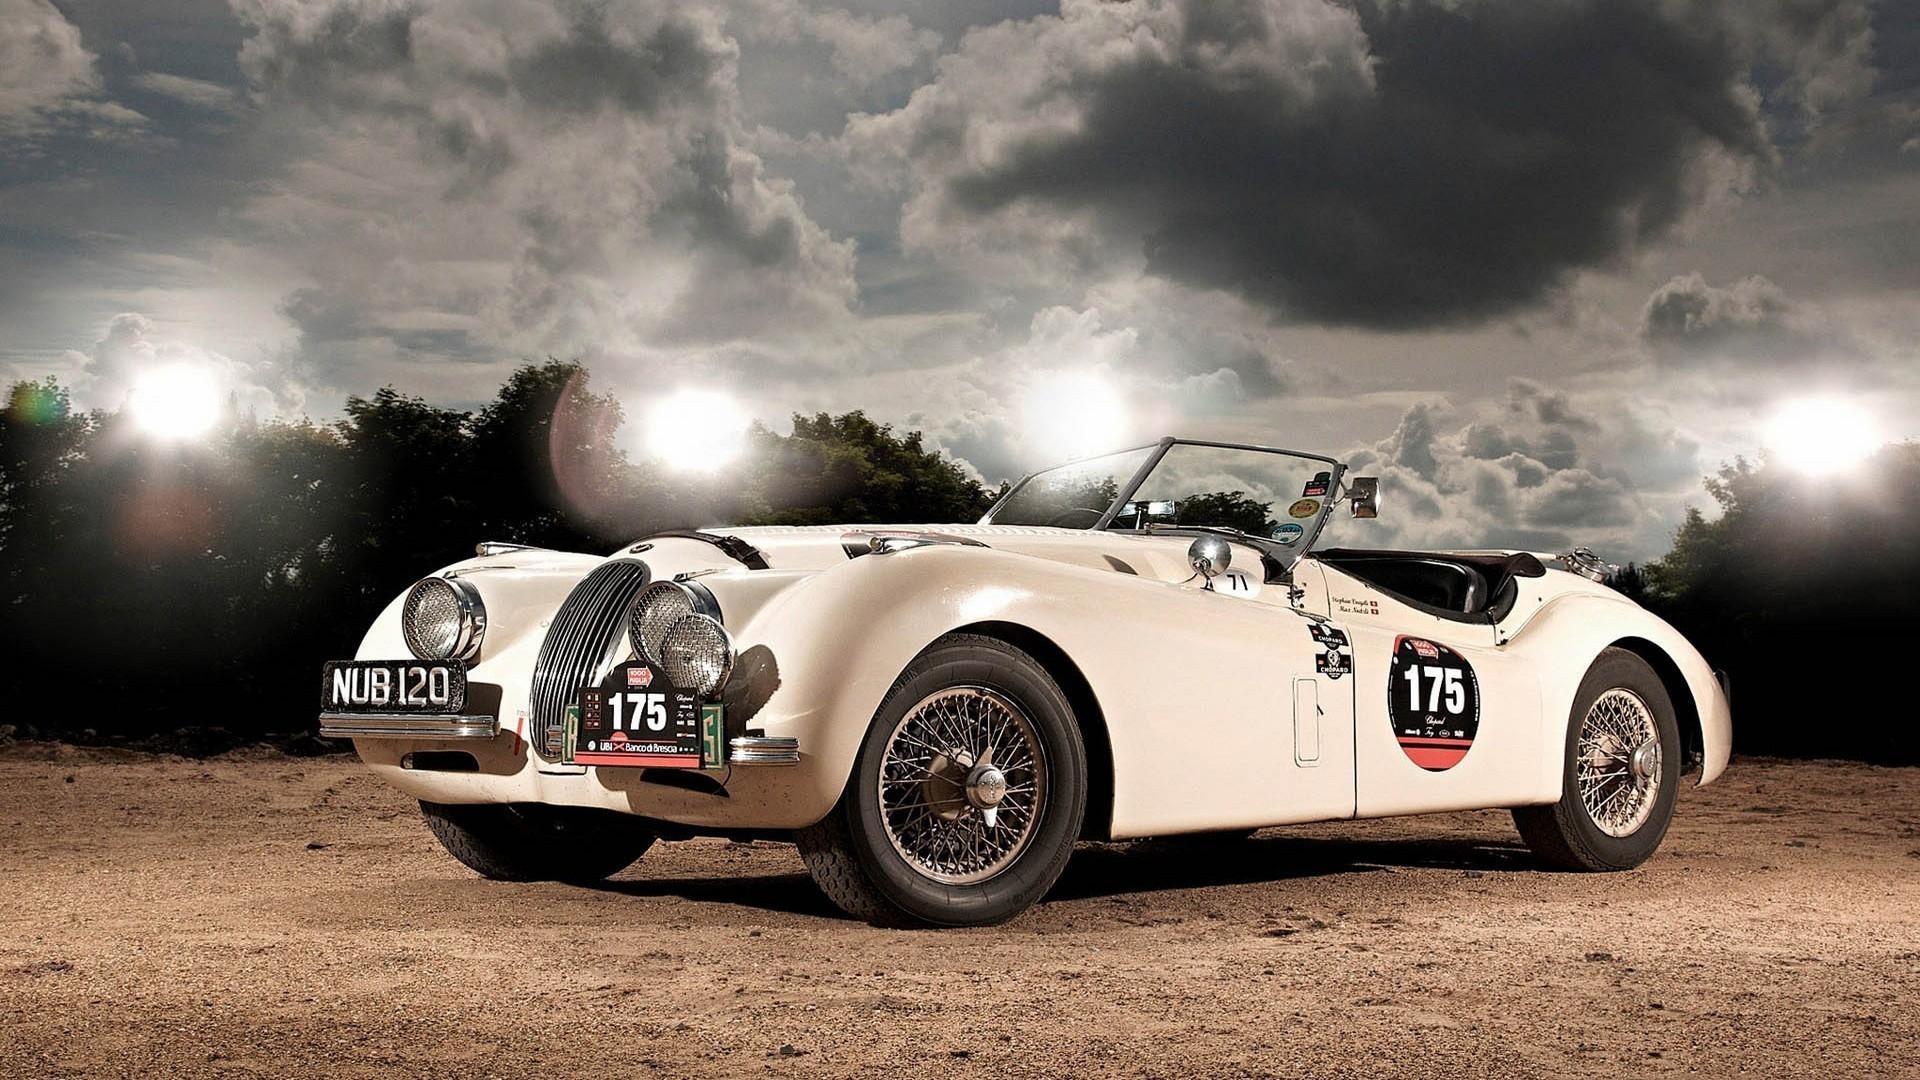 fond d 39 cran cru voiture de sport marque voiture ancienne voiture classique jaguar xk120. Black Bedroom Furniture Sets. Home Design Ideas